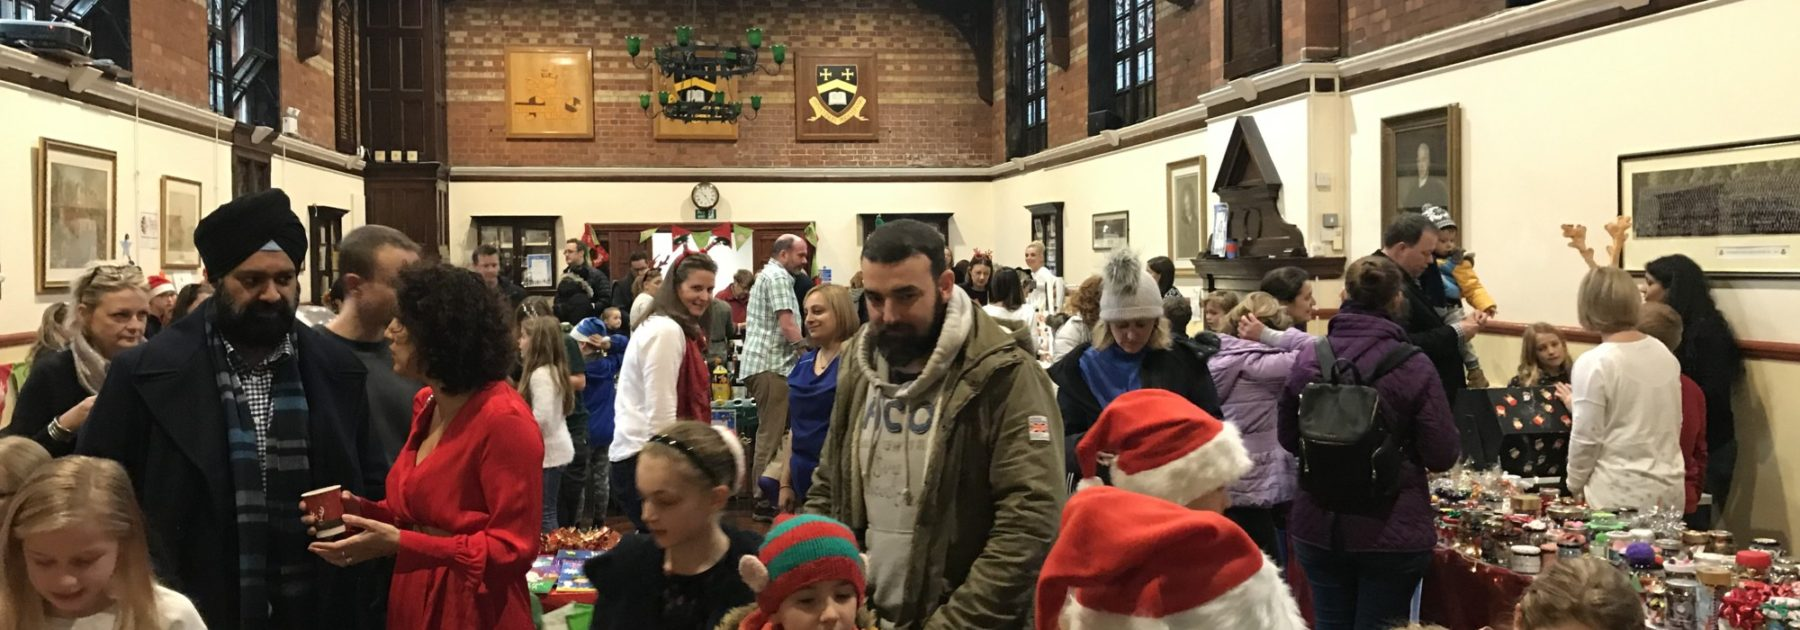 Christmas Fair – Festive Fun for All!